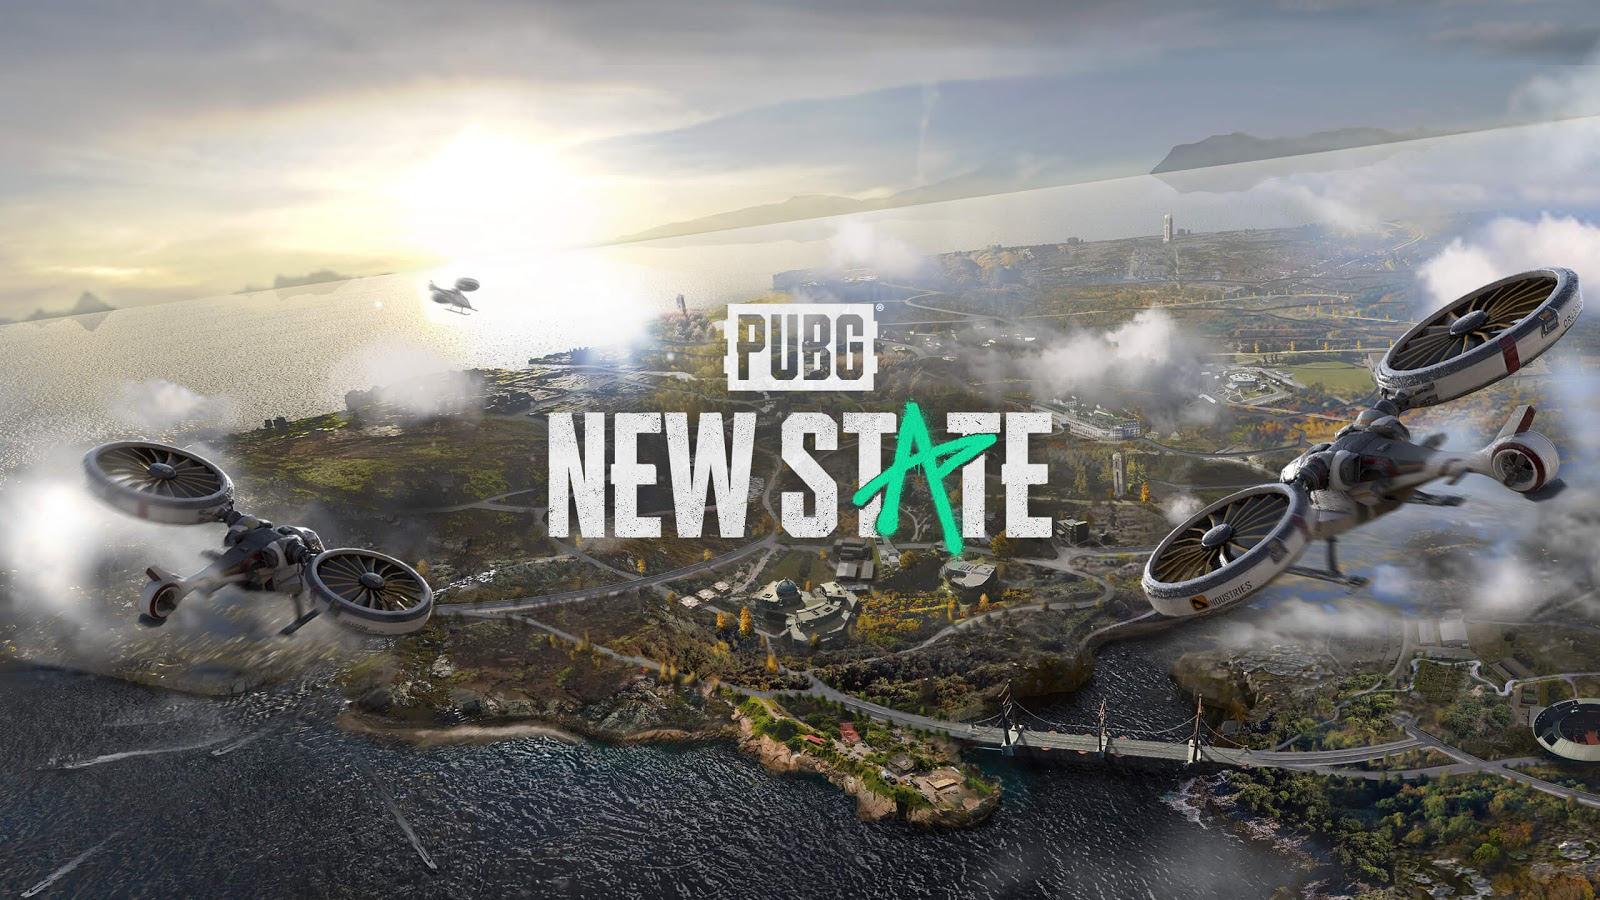 PUBG Studio | Novo game mobile PUBG: NEW STATE é anunciado oficialmente